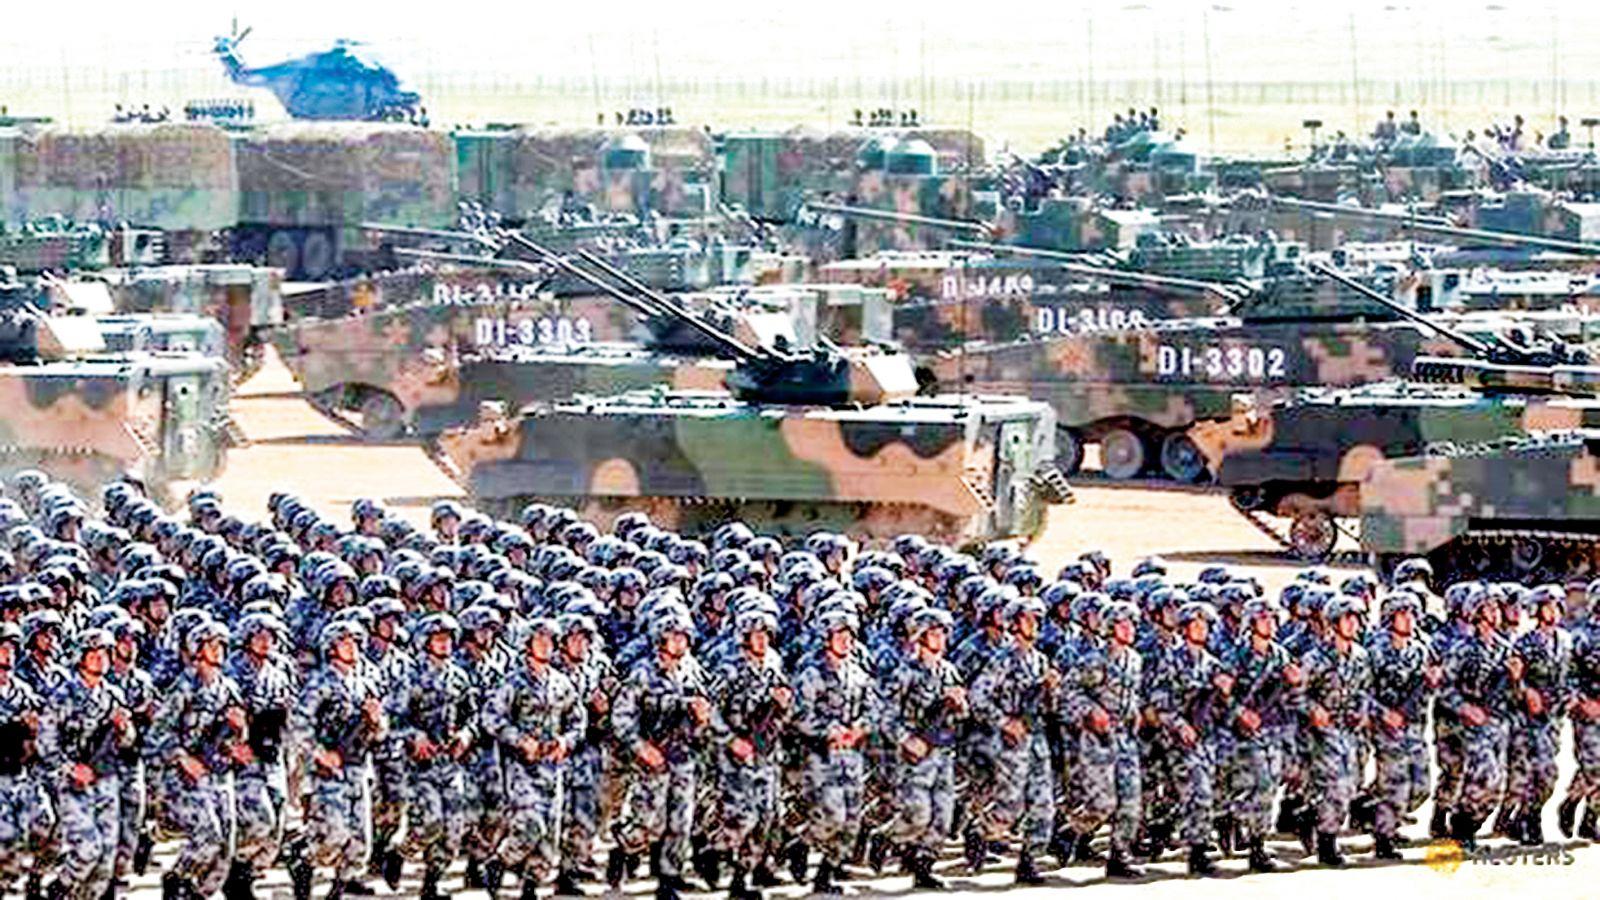 Quân đội Trung Quốc trong một lễ duyệt binh hồi năm ngoái. Ảnh: China Daily